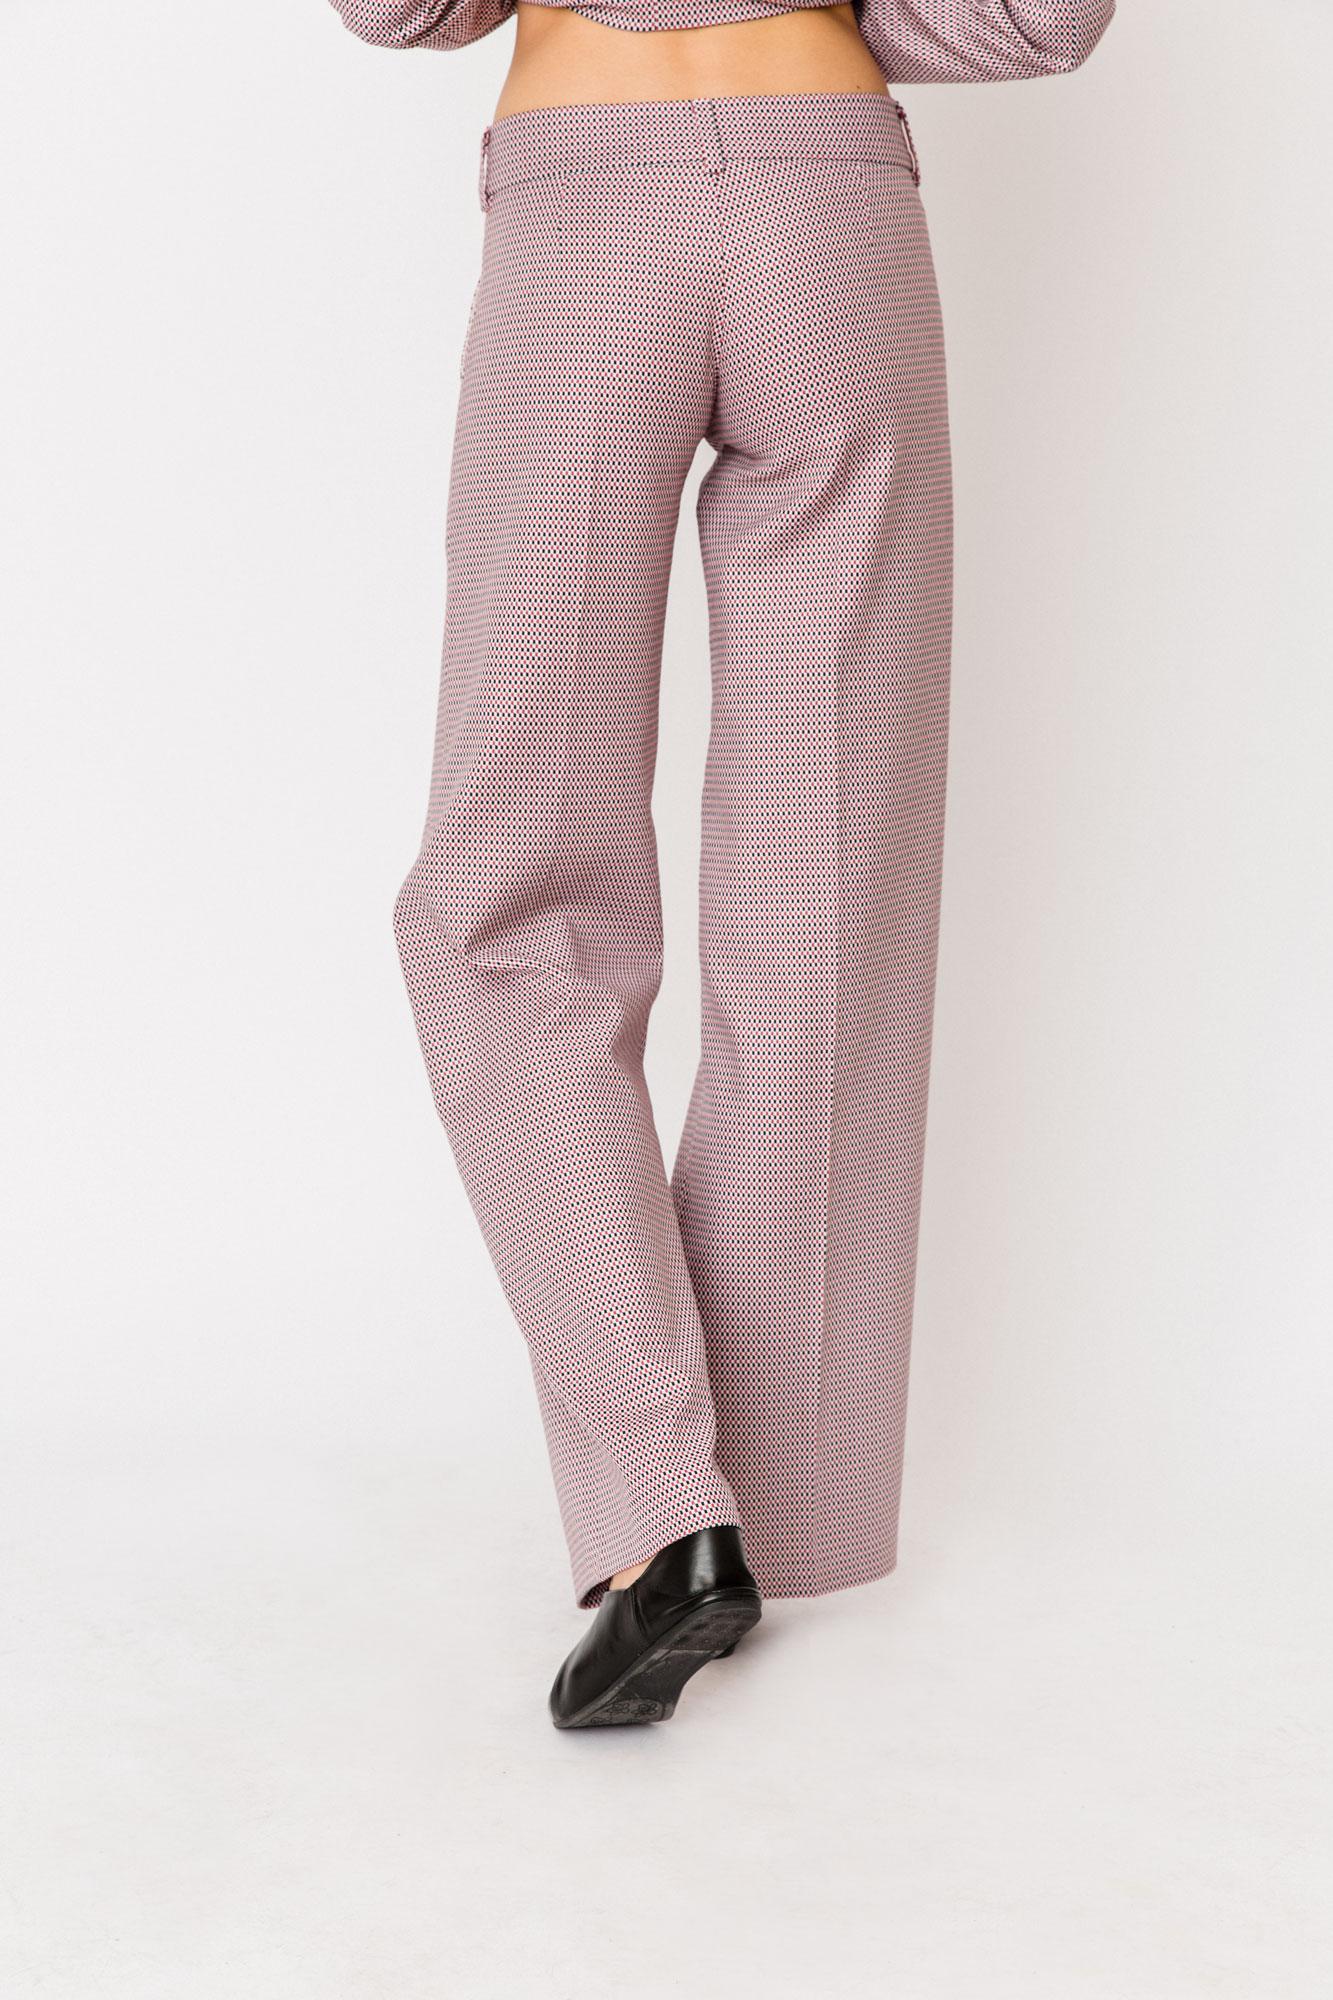 S18-02Smolder_Trousers5